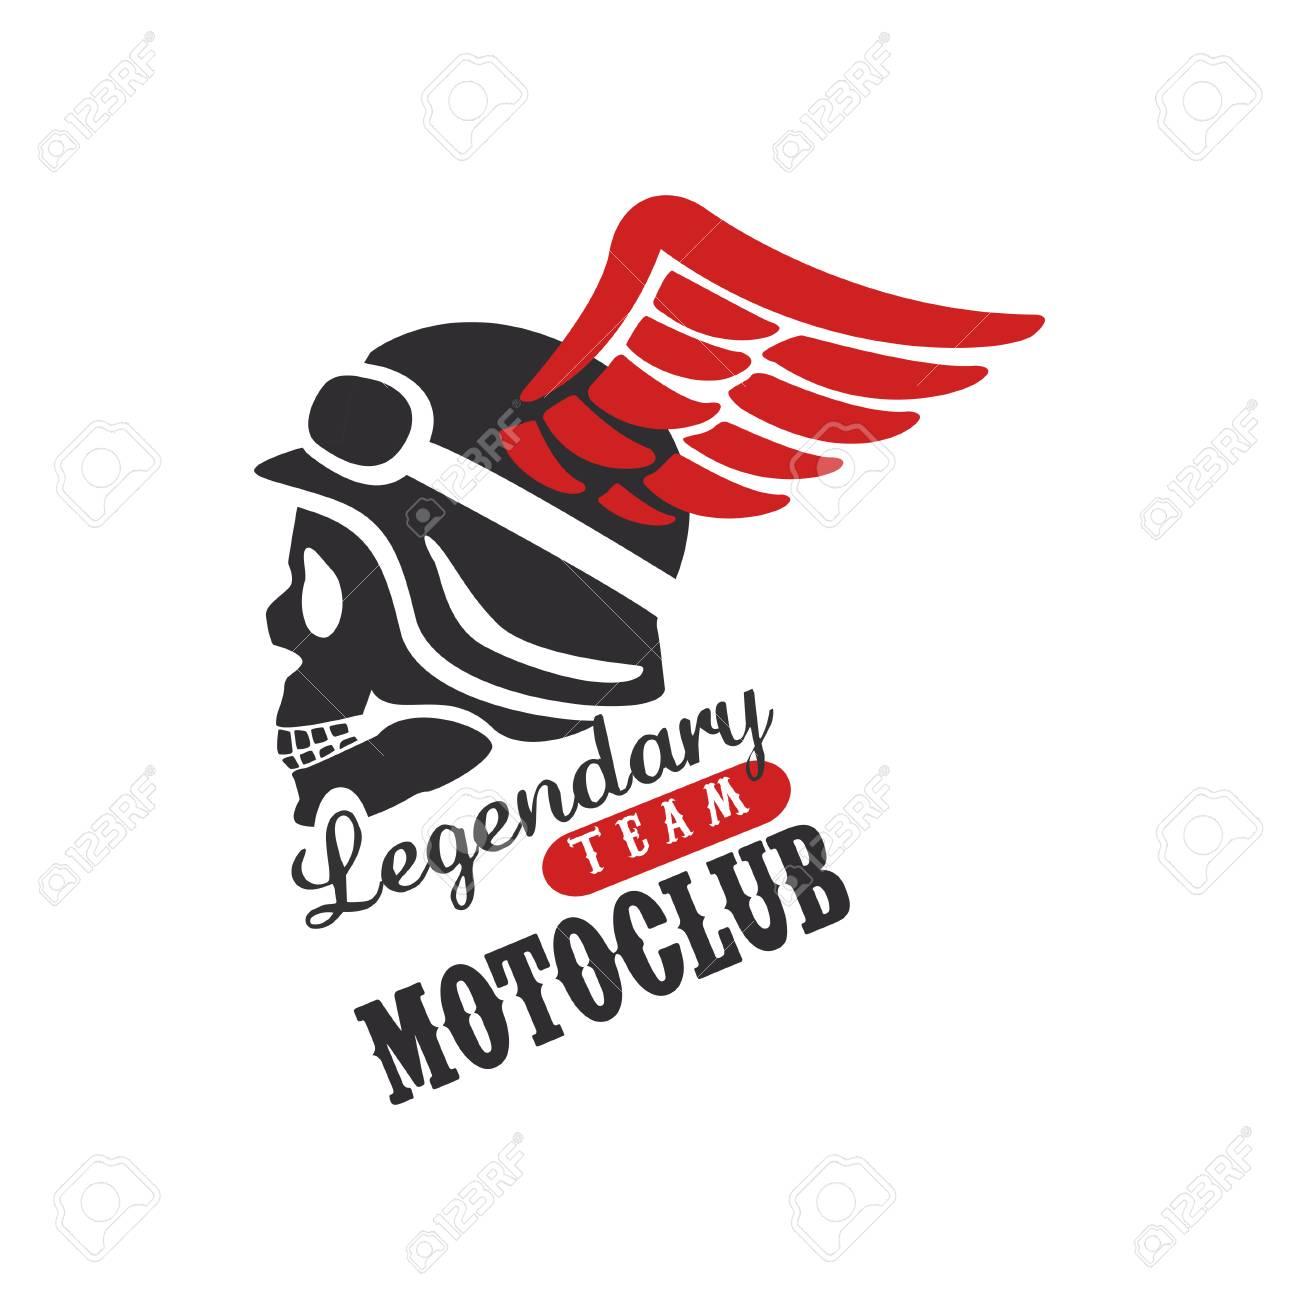 Legendary Team Motoclub Logo Design Element For Motor Or Biker